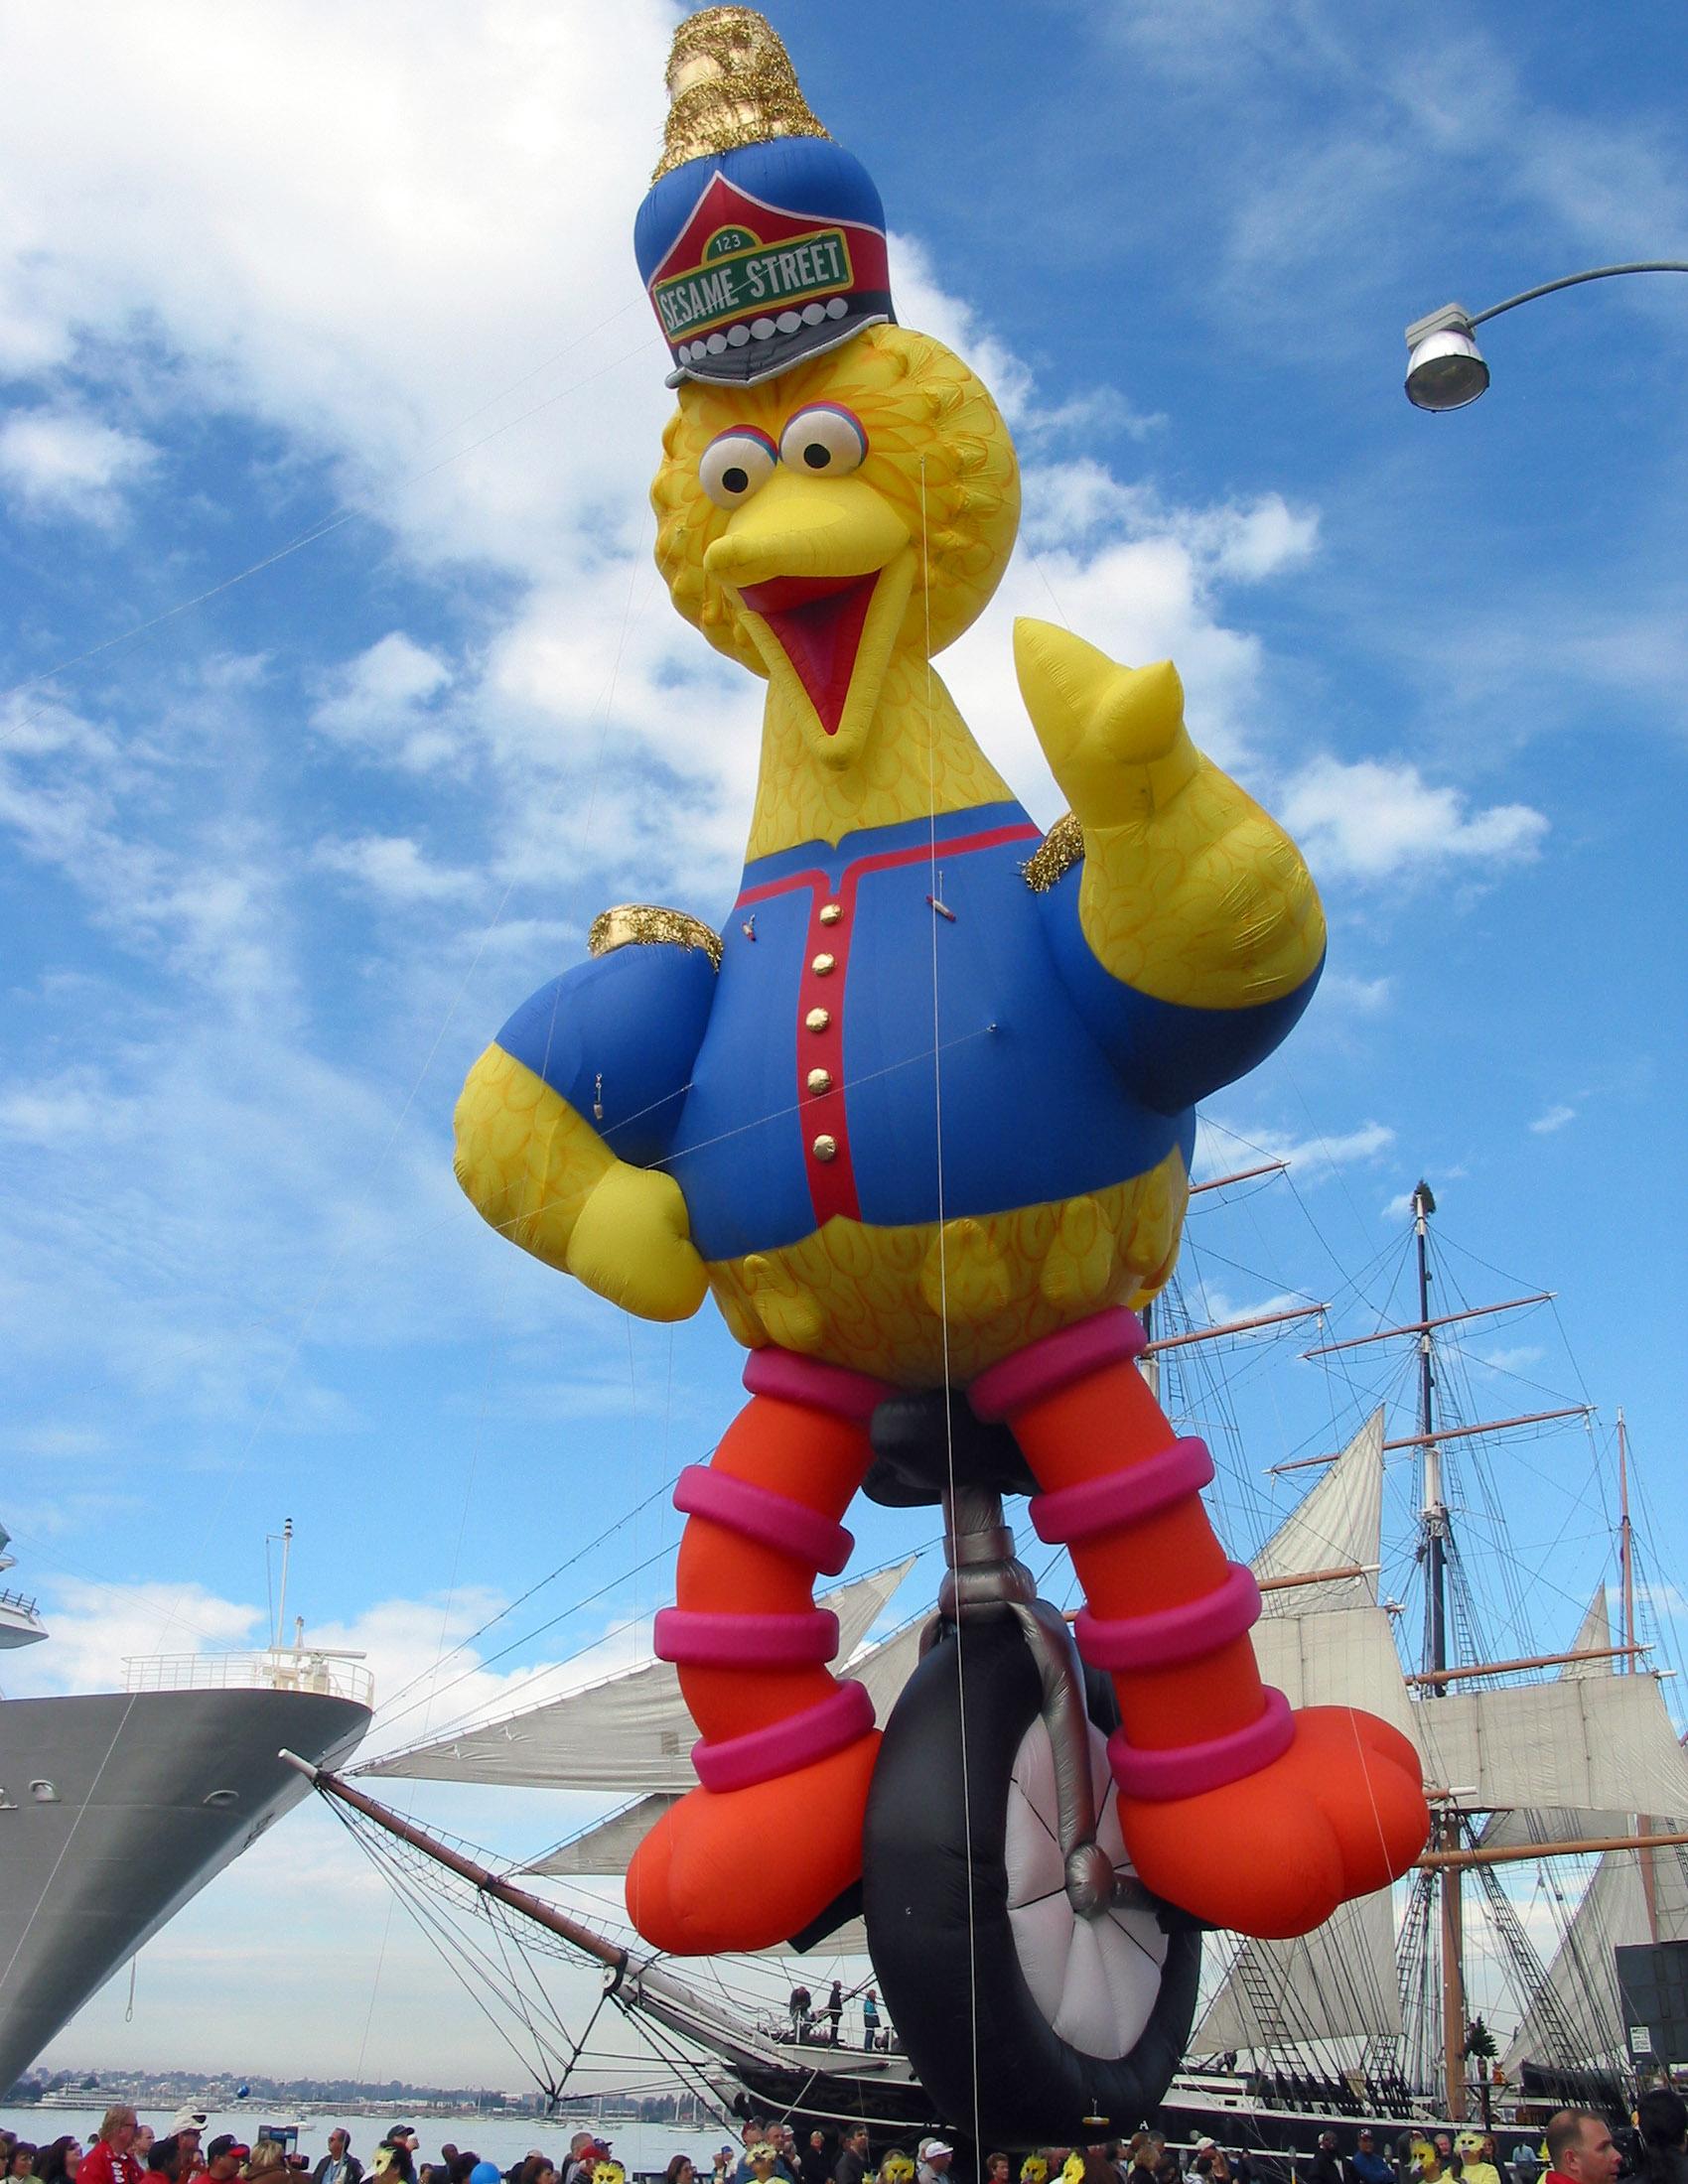 Big Bird Sesame Parade Balloon